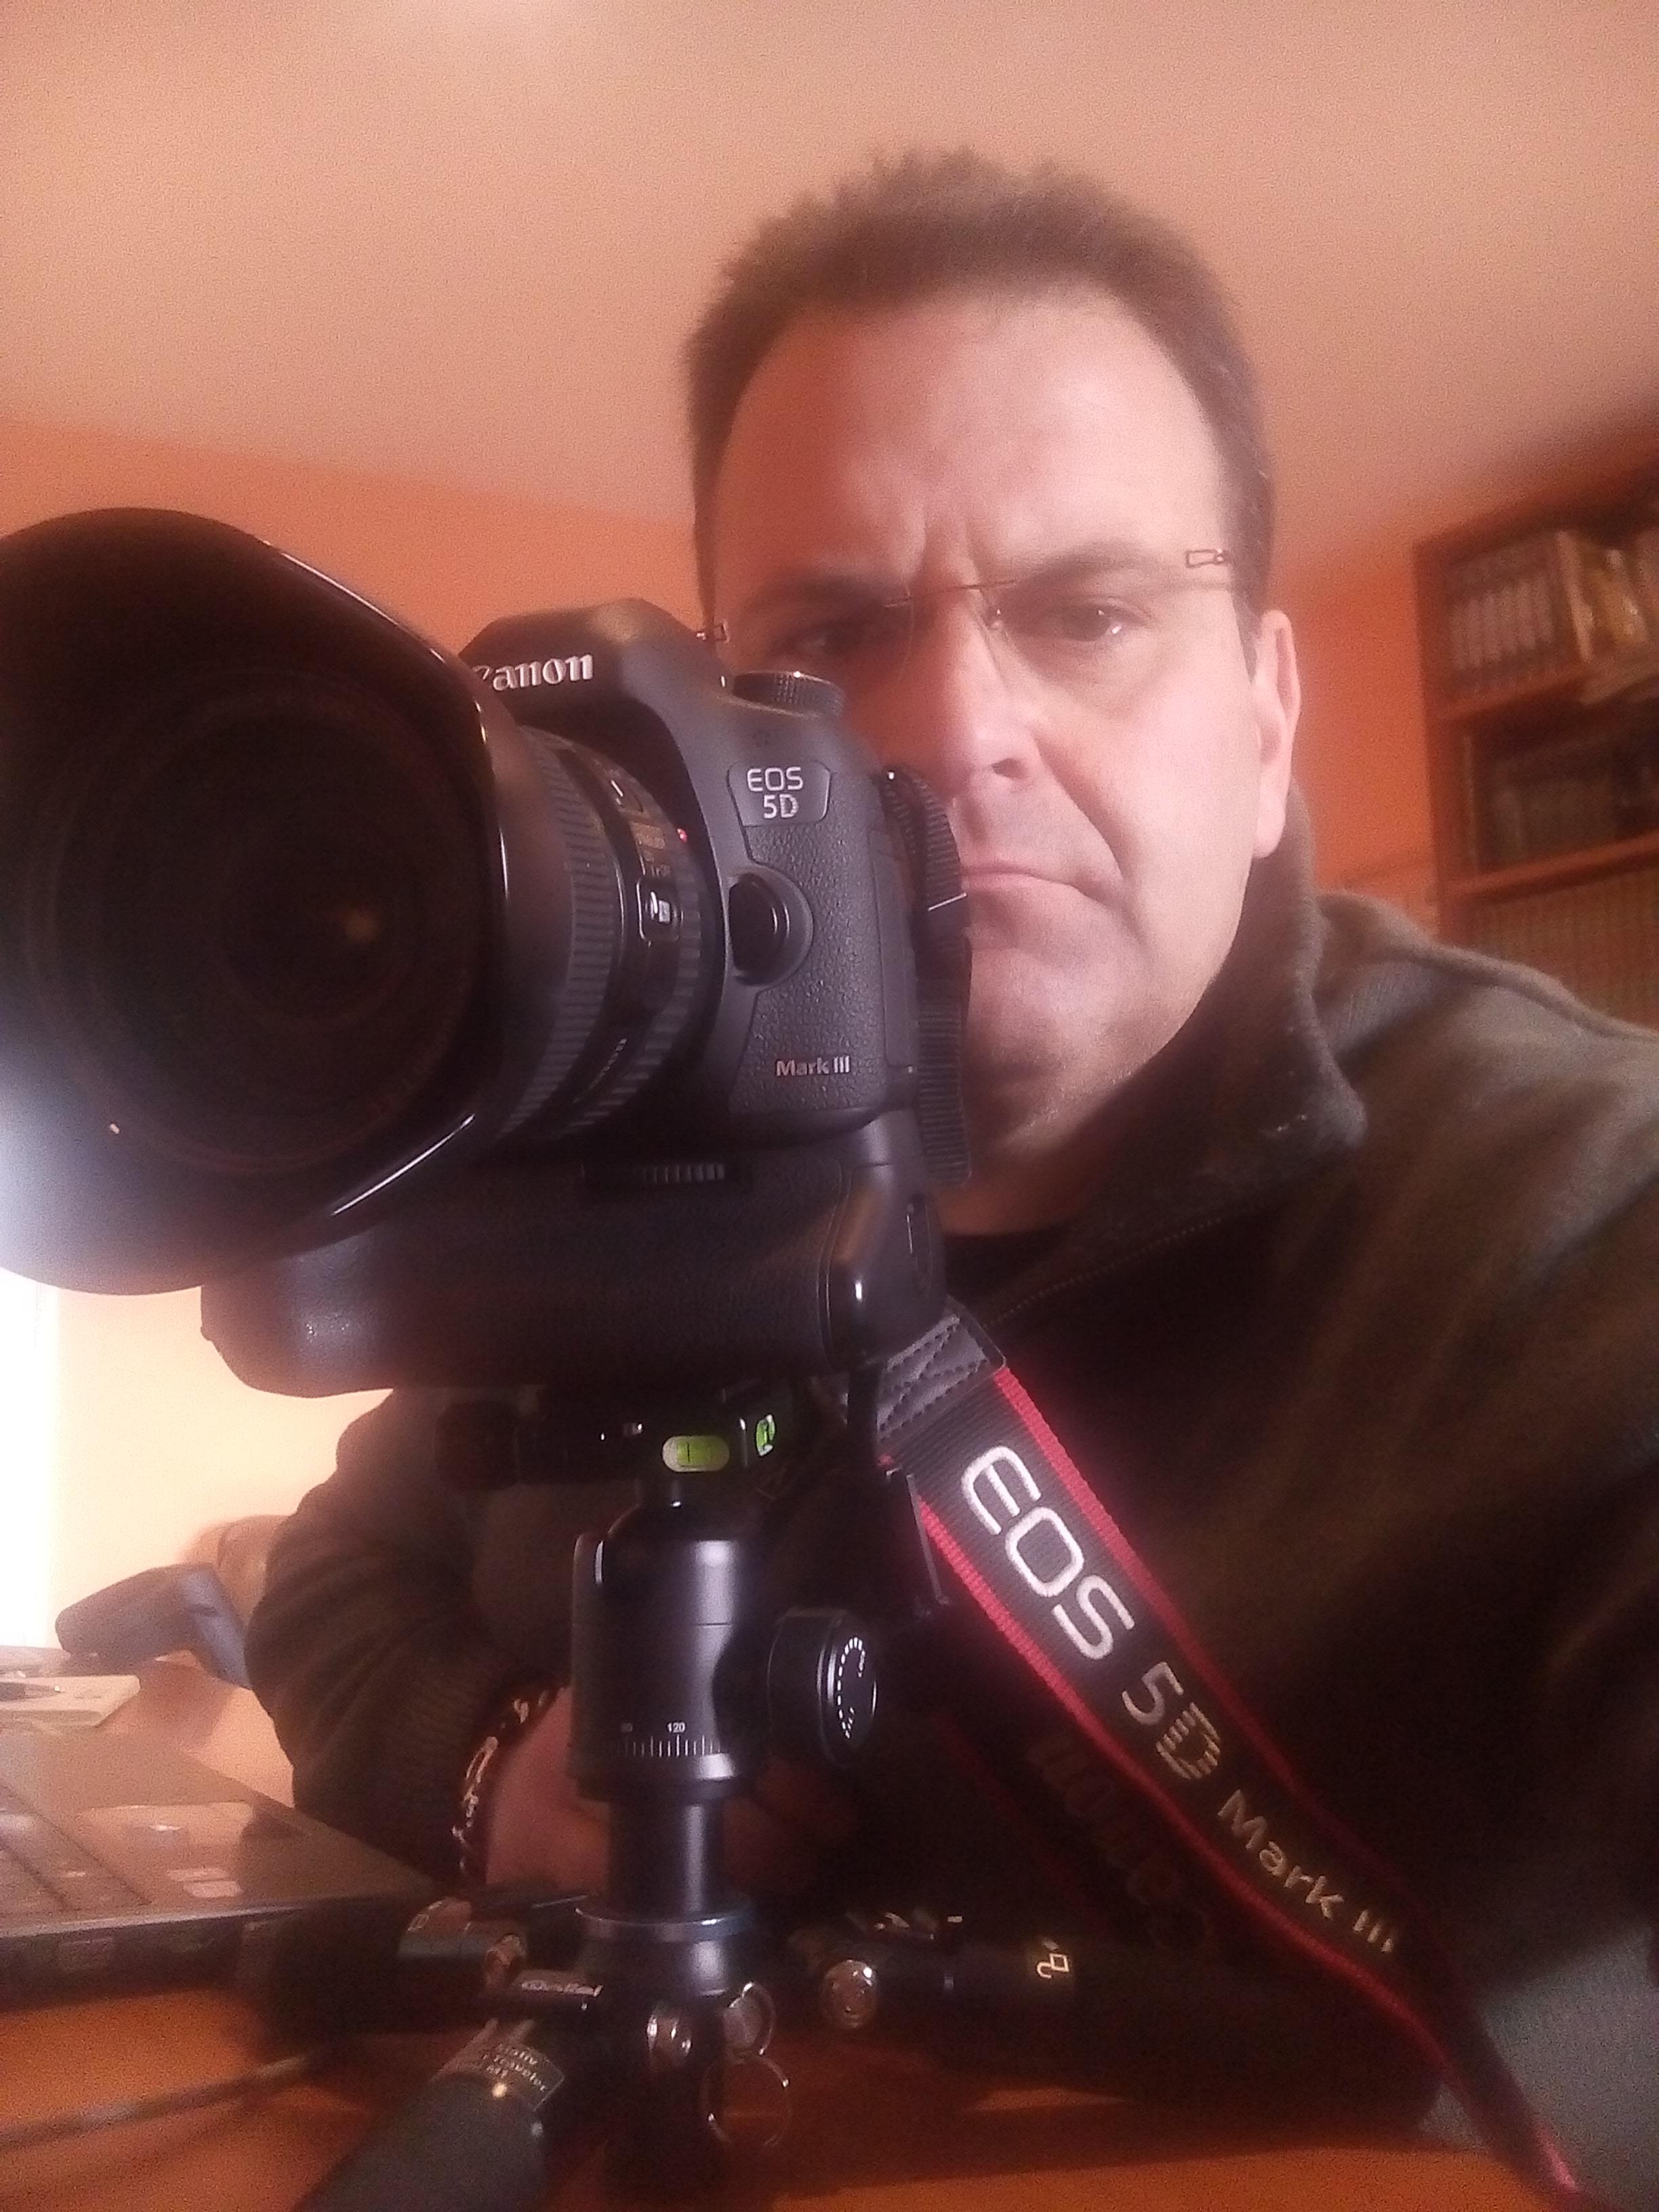 giornalista Vitorio Labanca di Agnone - vincitore mostra foto tassisti